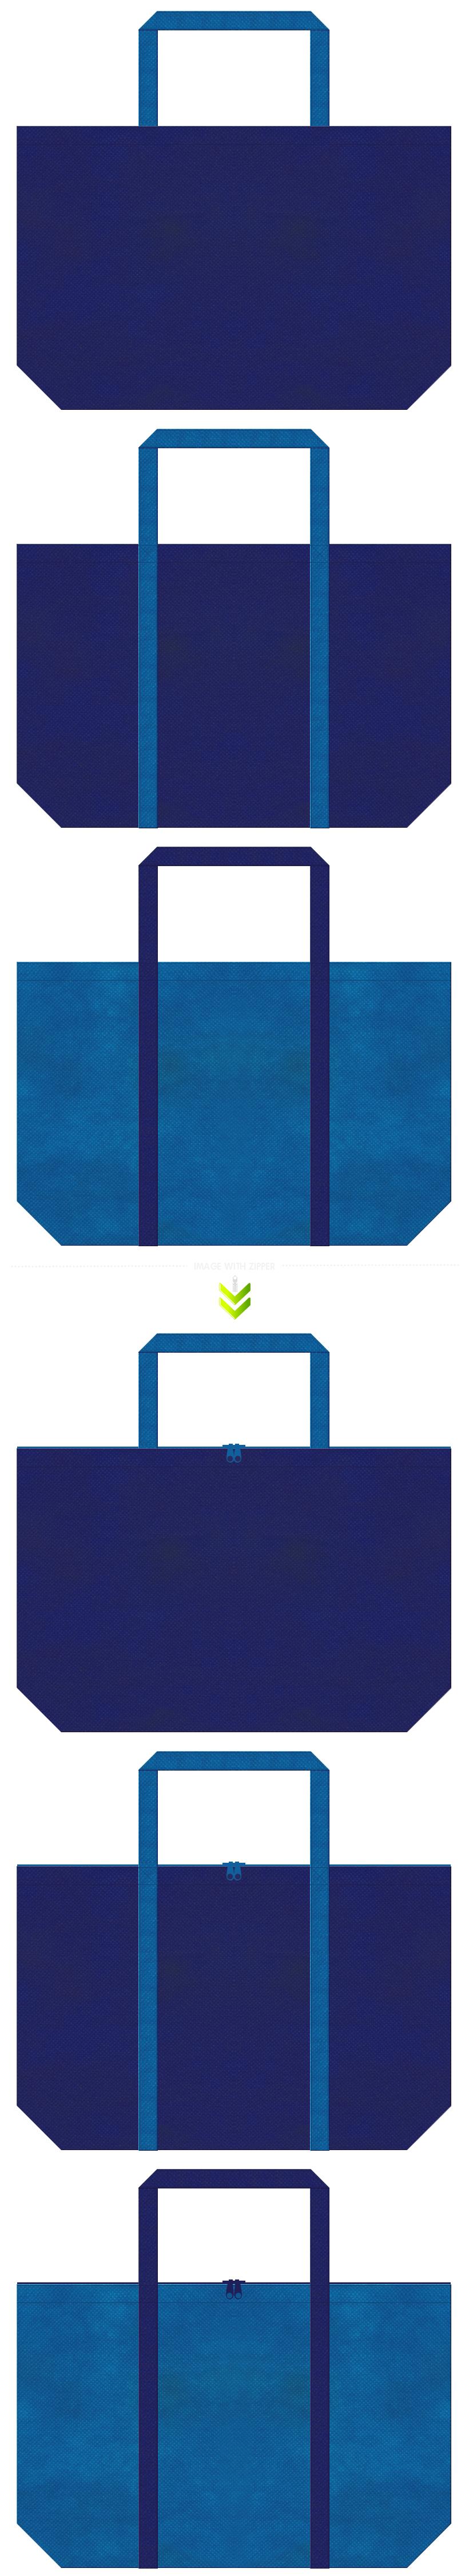 明るい紺色と青色の不織布エコバッグのデザイン。LED・水族館のイメージにお奨めの配色です。